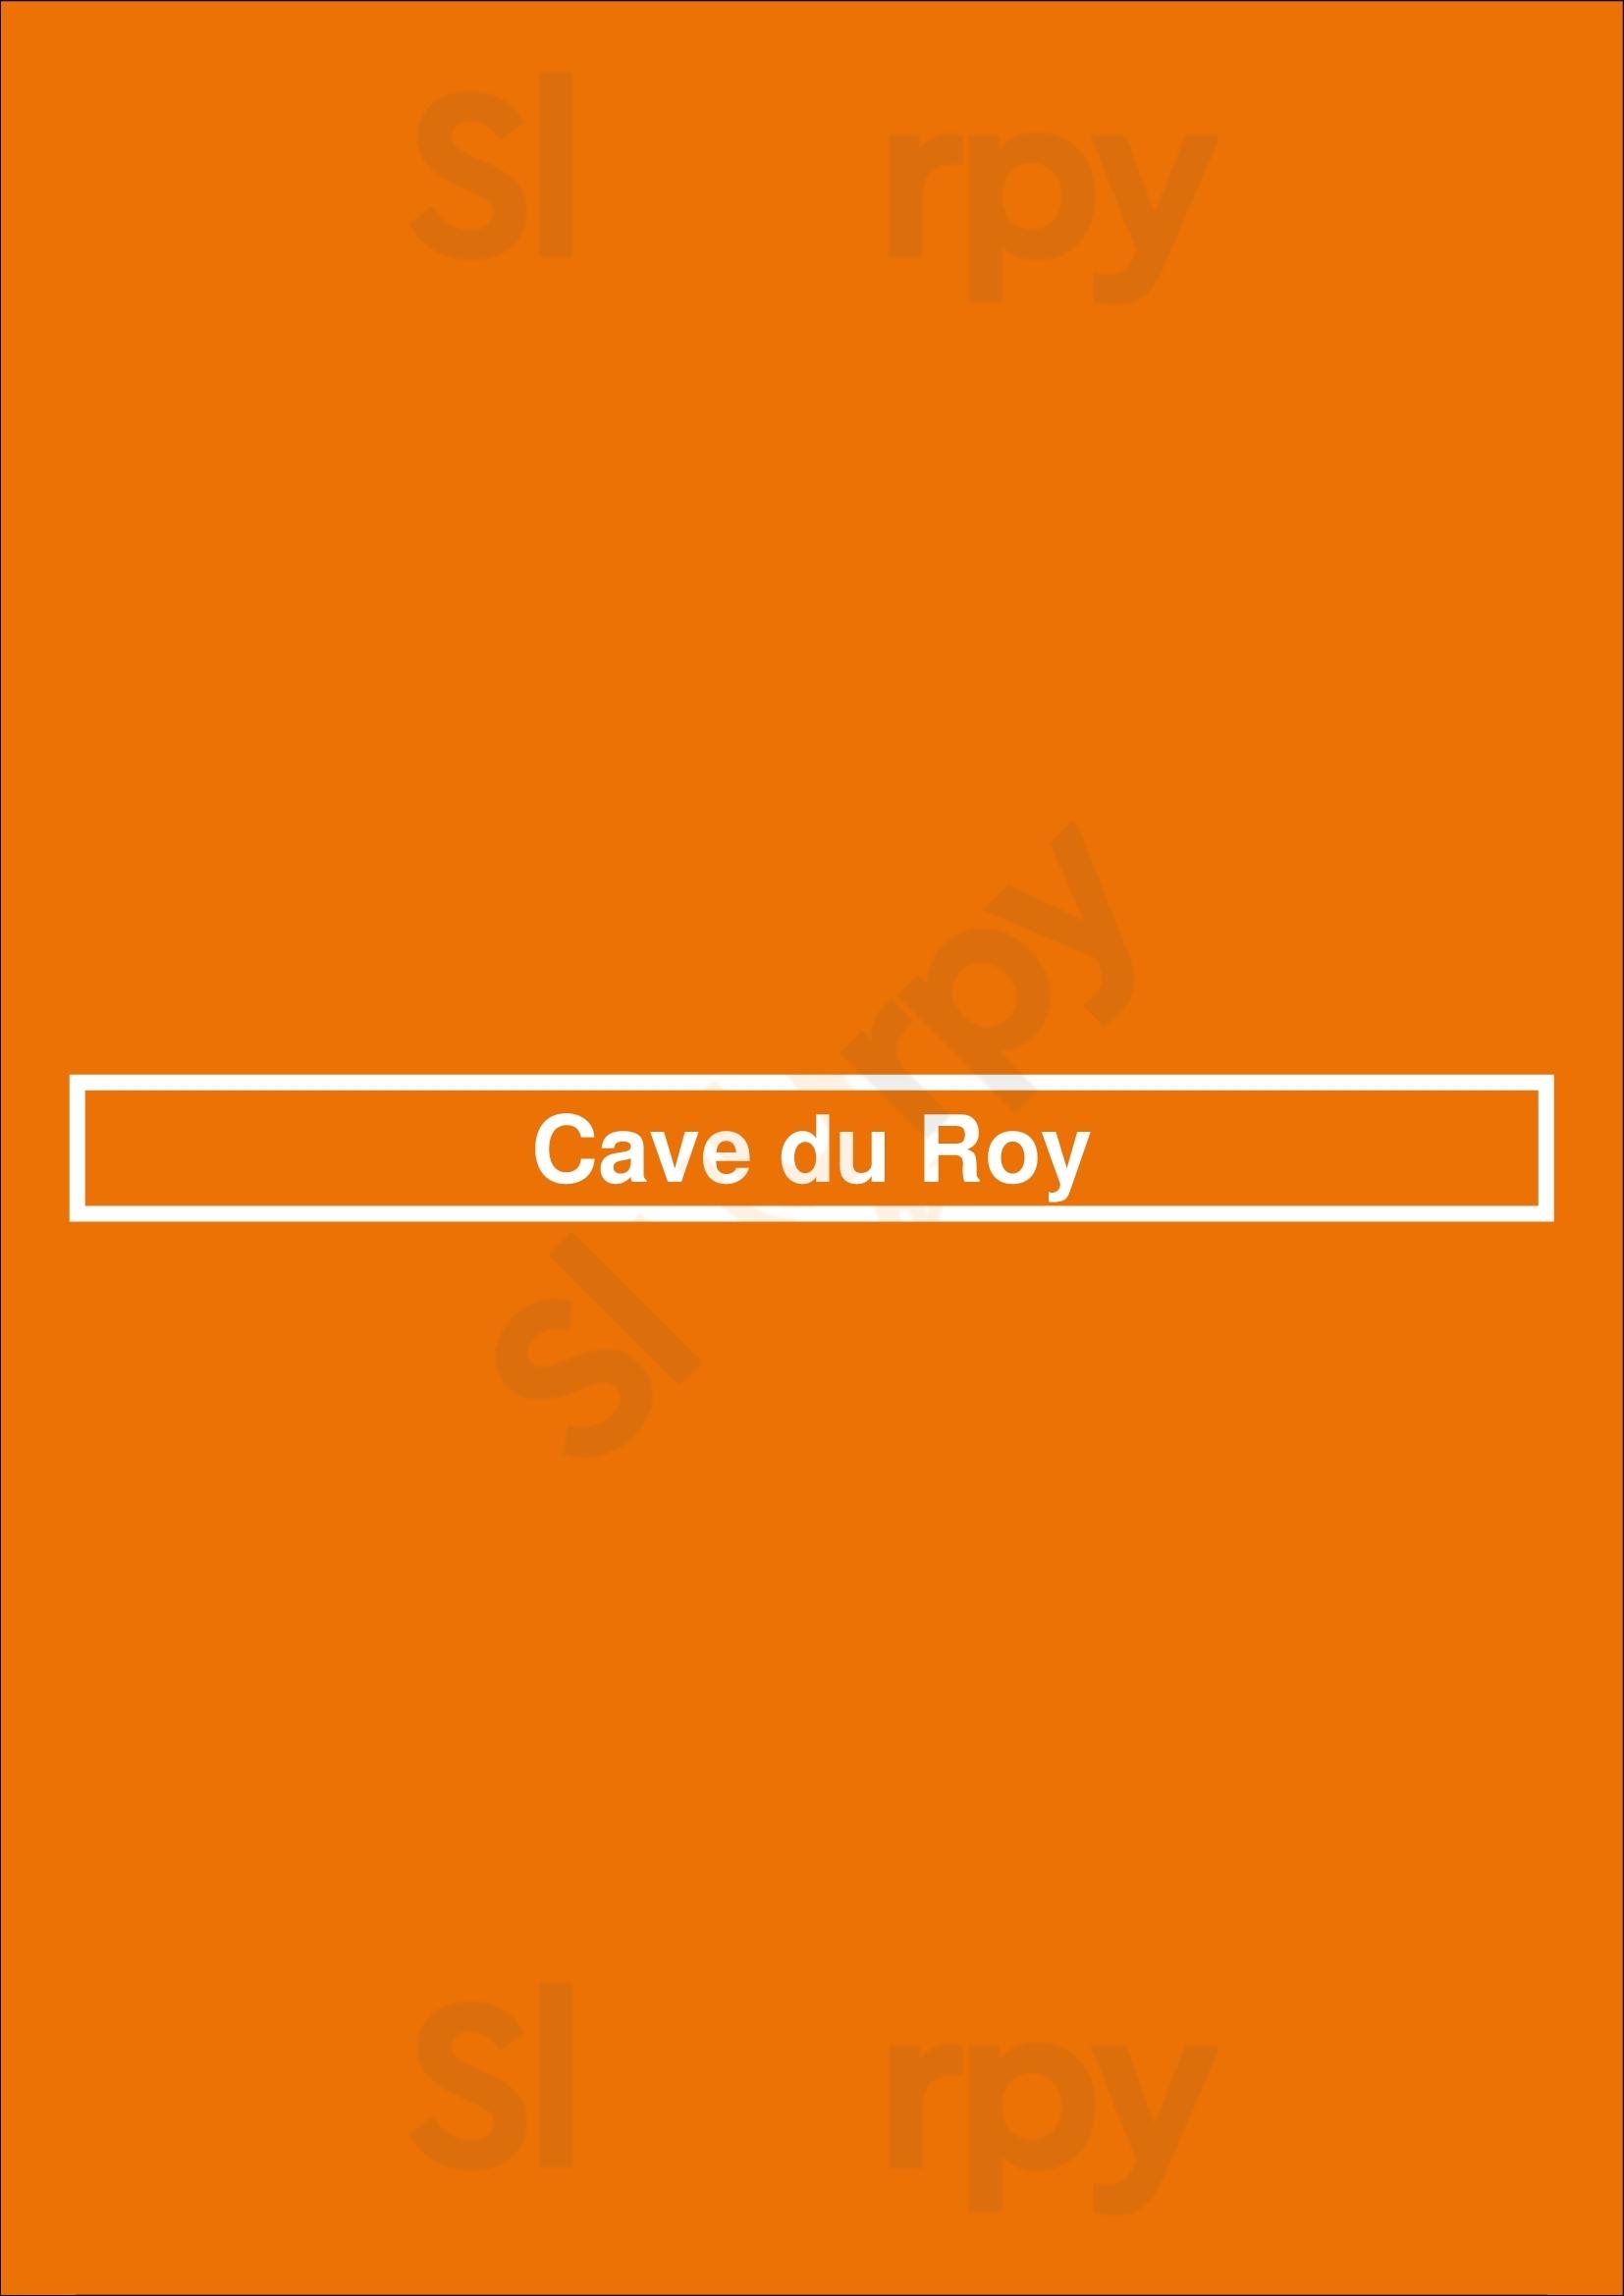 Cave Du Roy Bruxelles menù - pagina 1